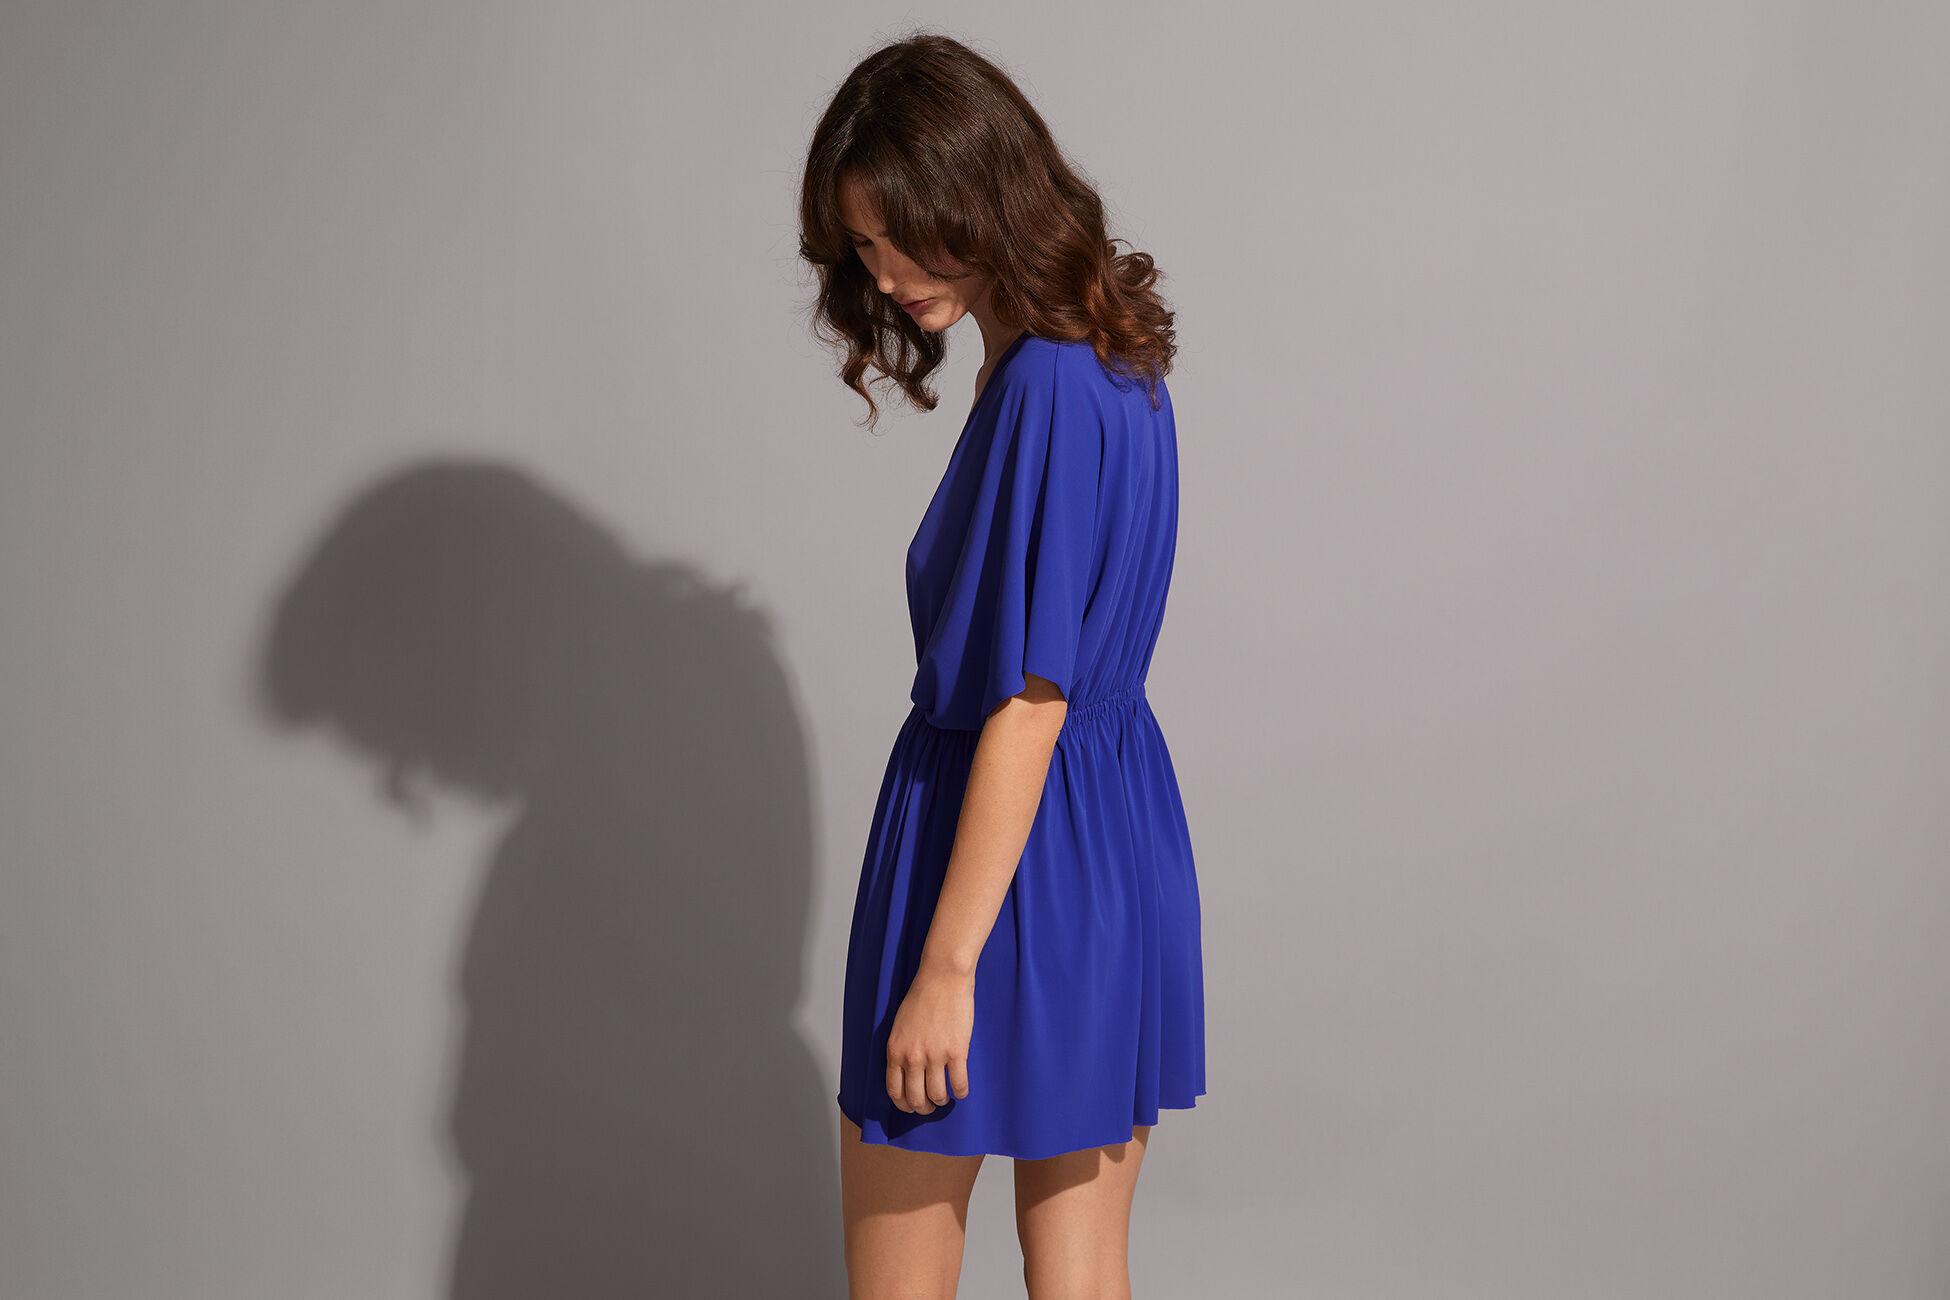 Sybel Vestido corto Vista estándar NaN